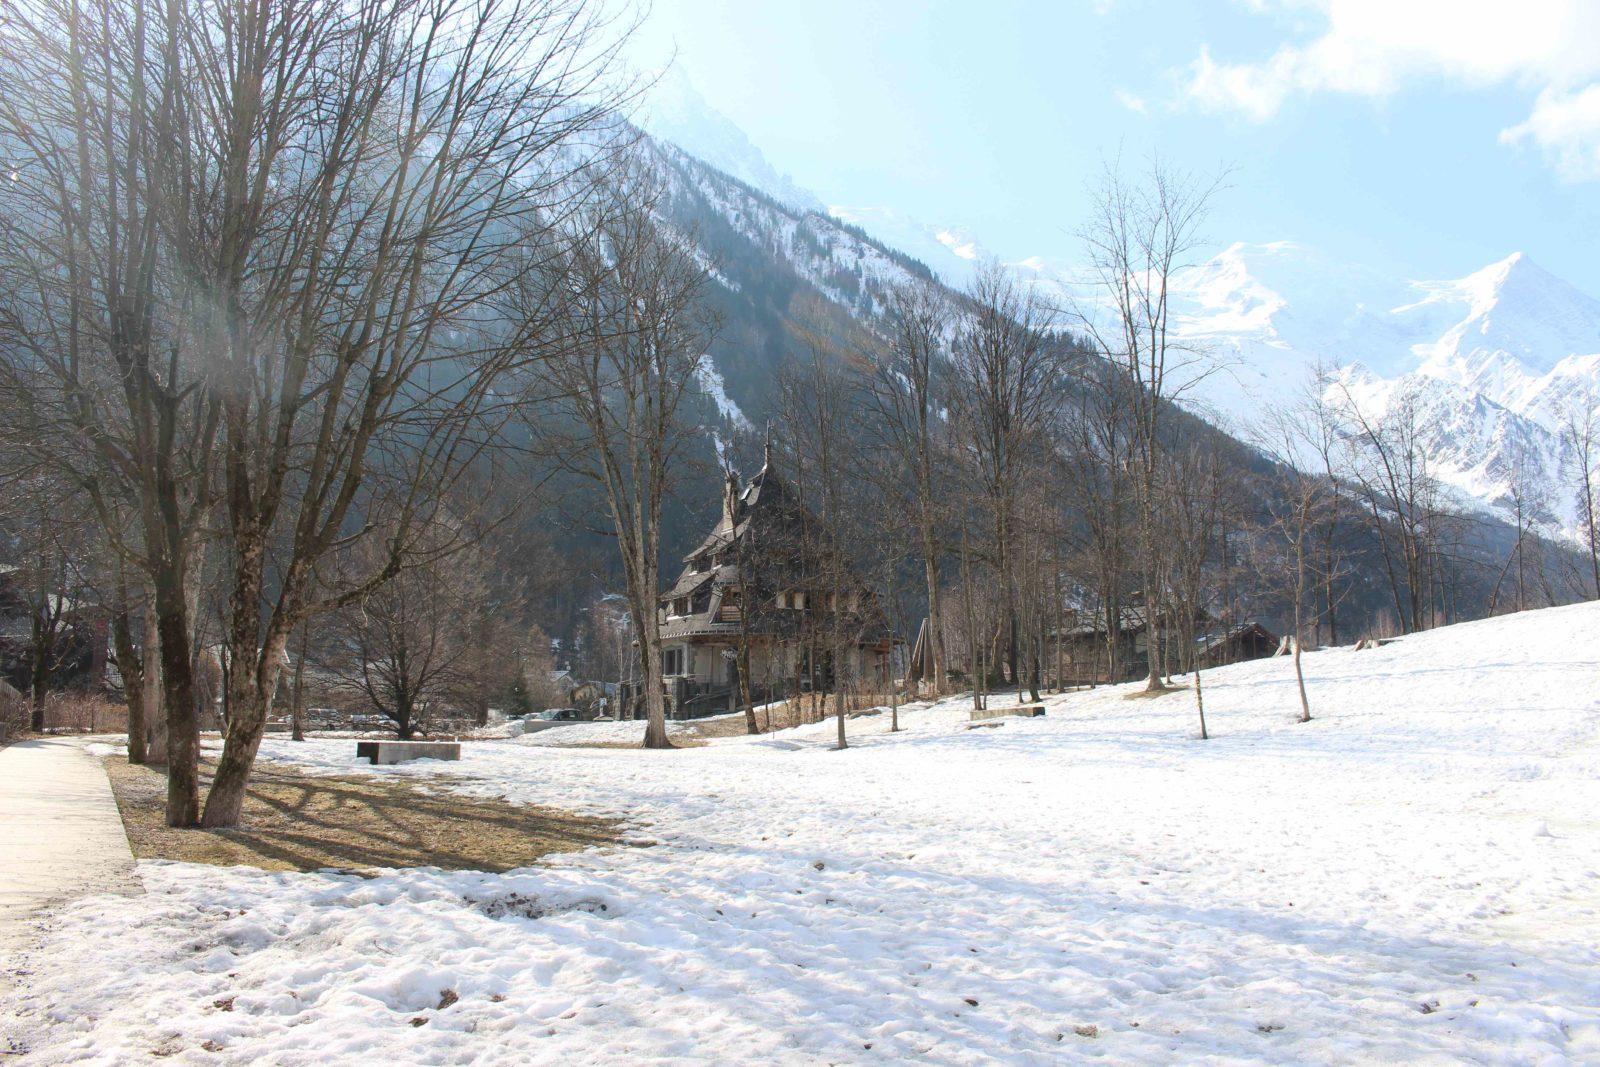 Chamonix maison des artistes et parc en hiver